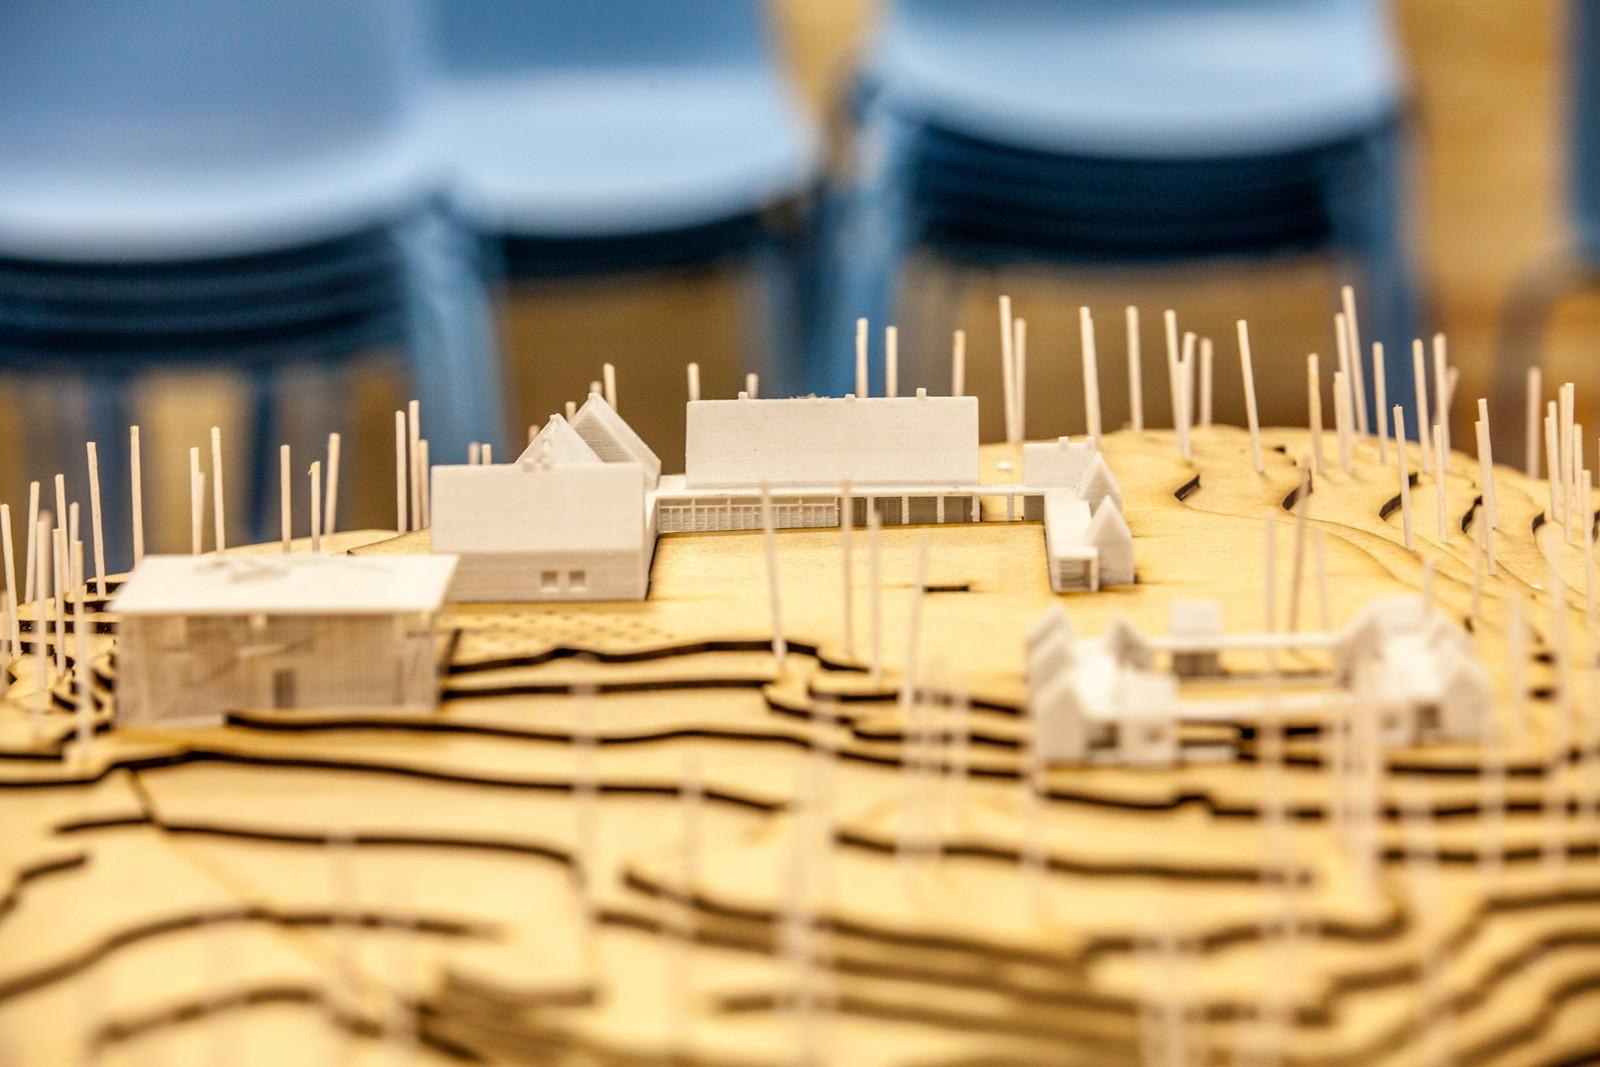 Inne i konferansesalen er det satt opp en modell av nye Utøya.